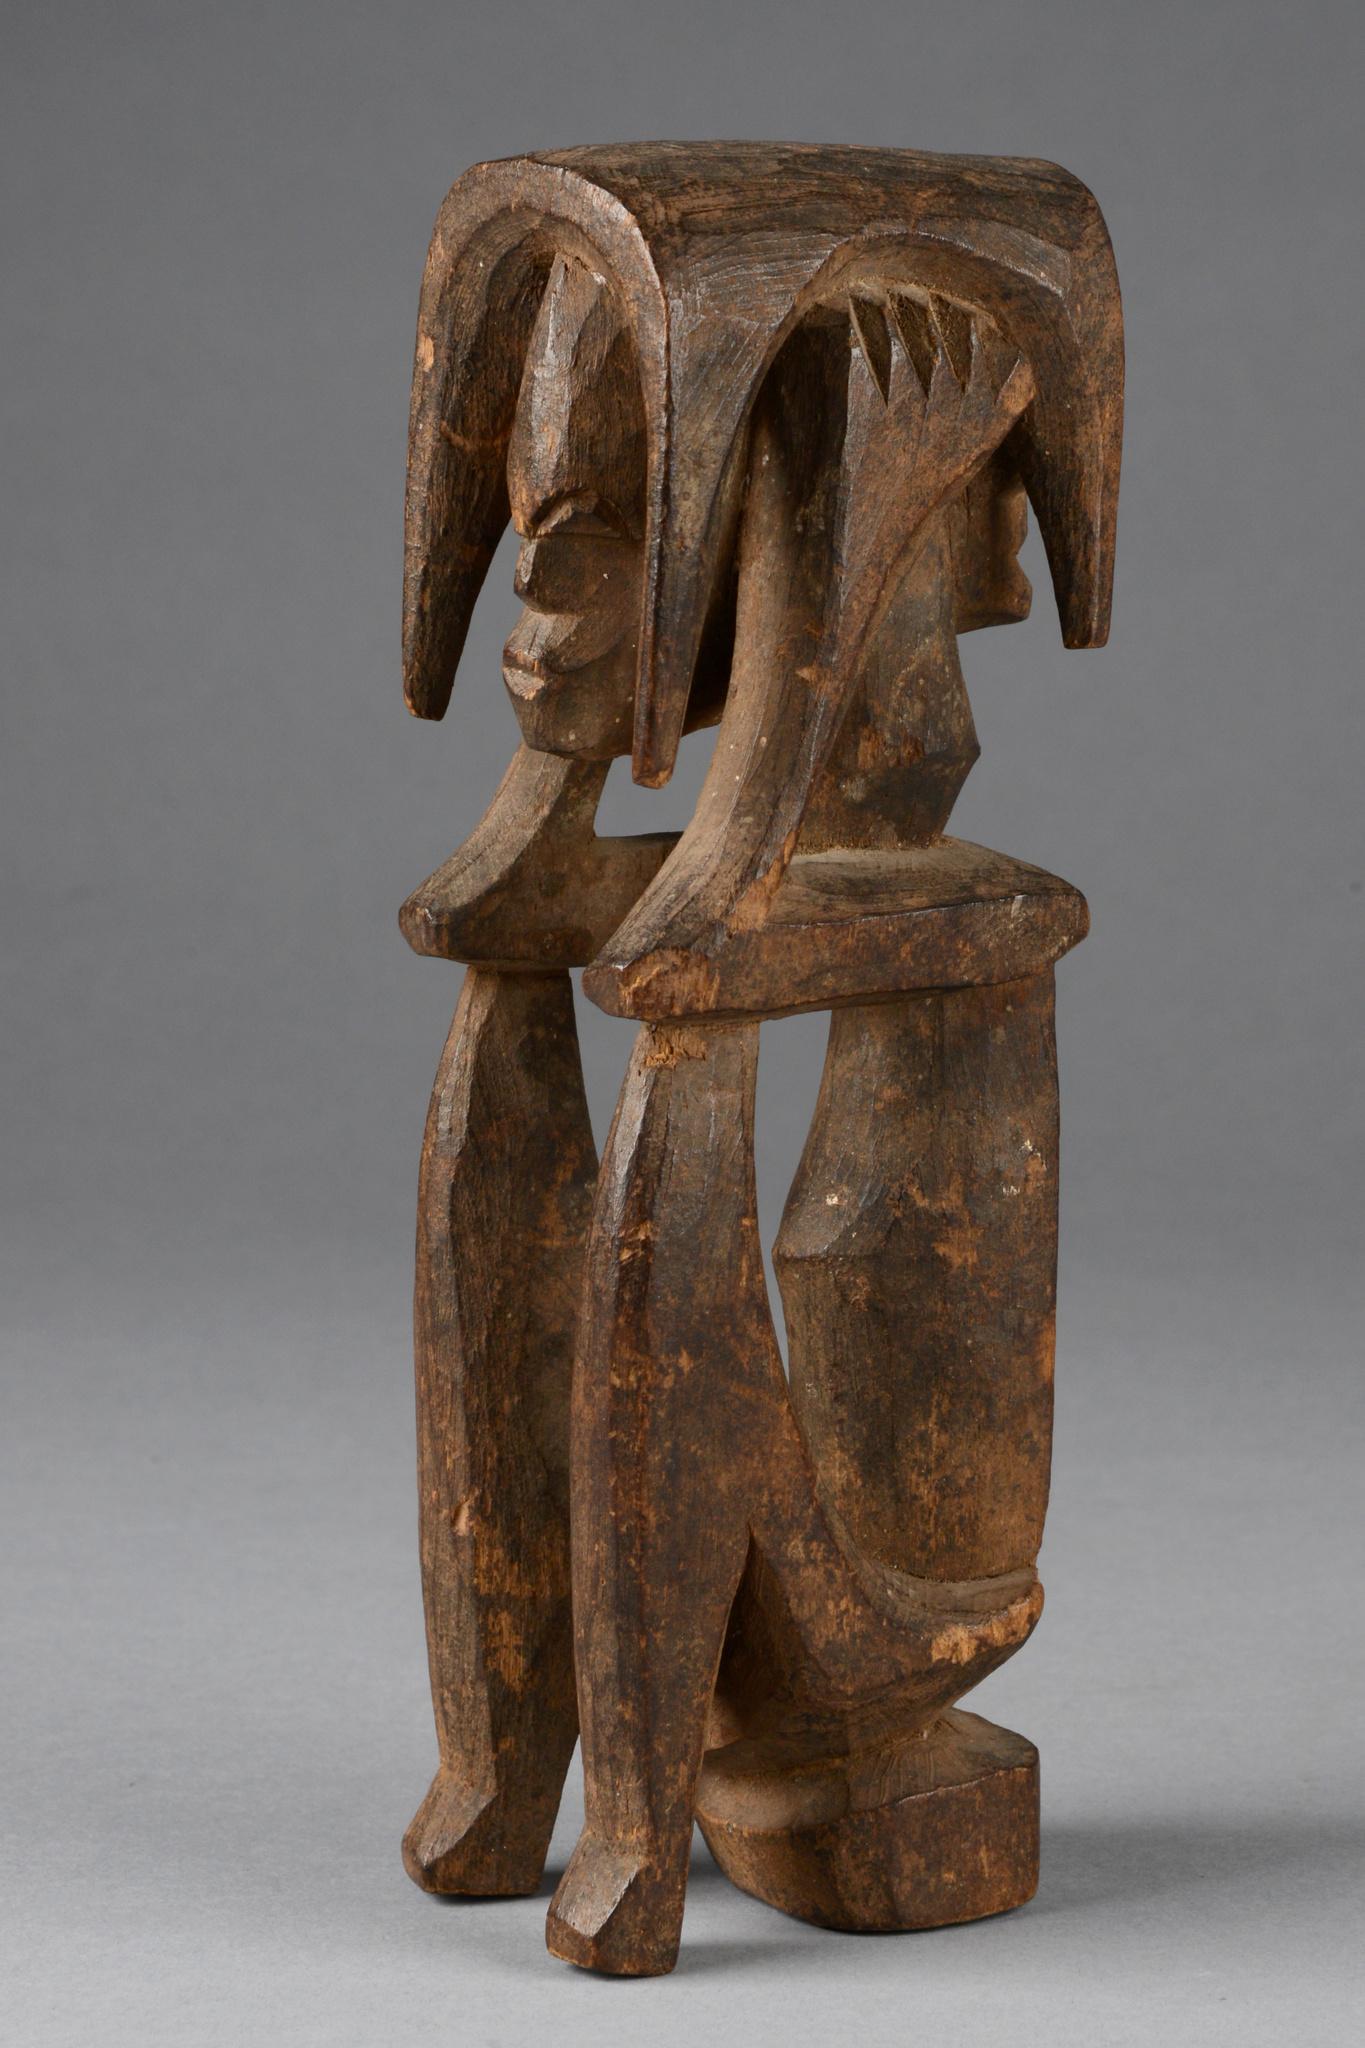 Sitzende janusköpfige Figur